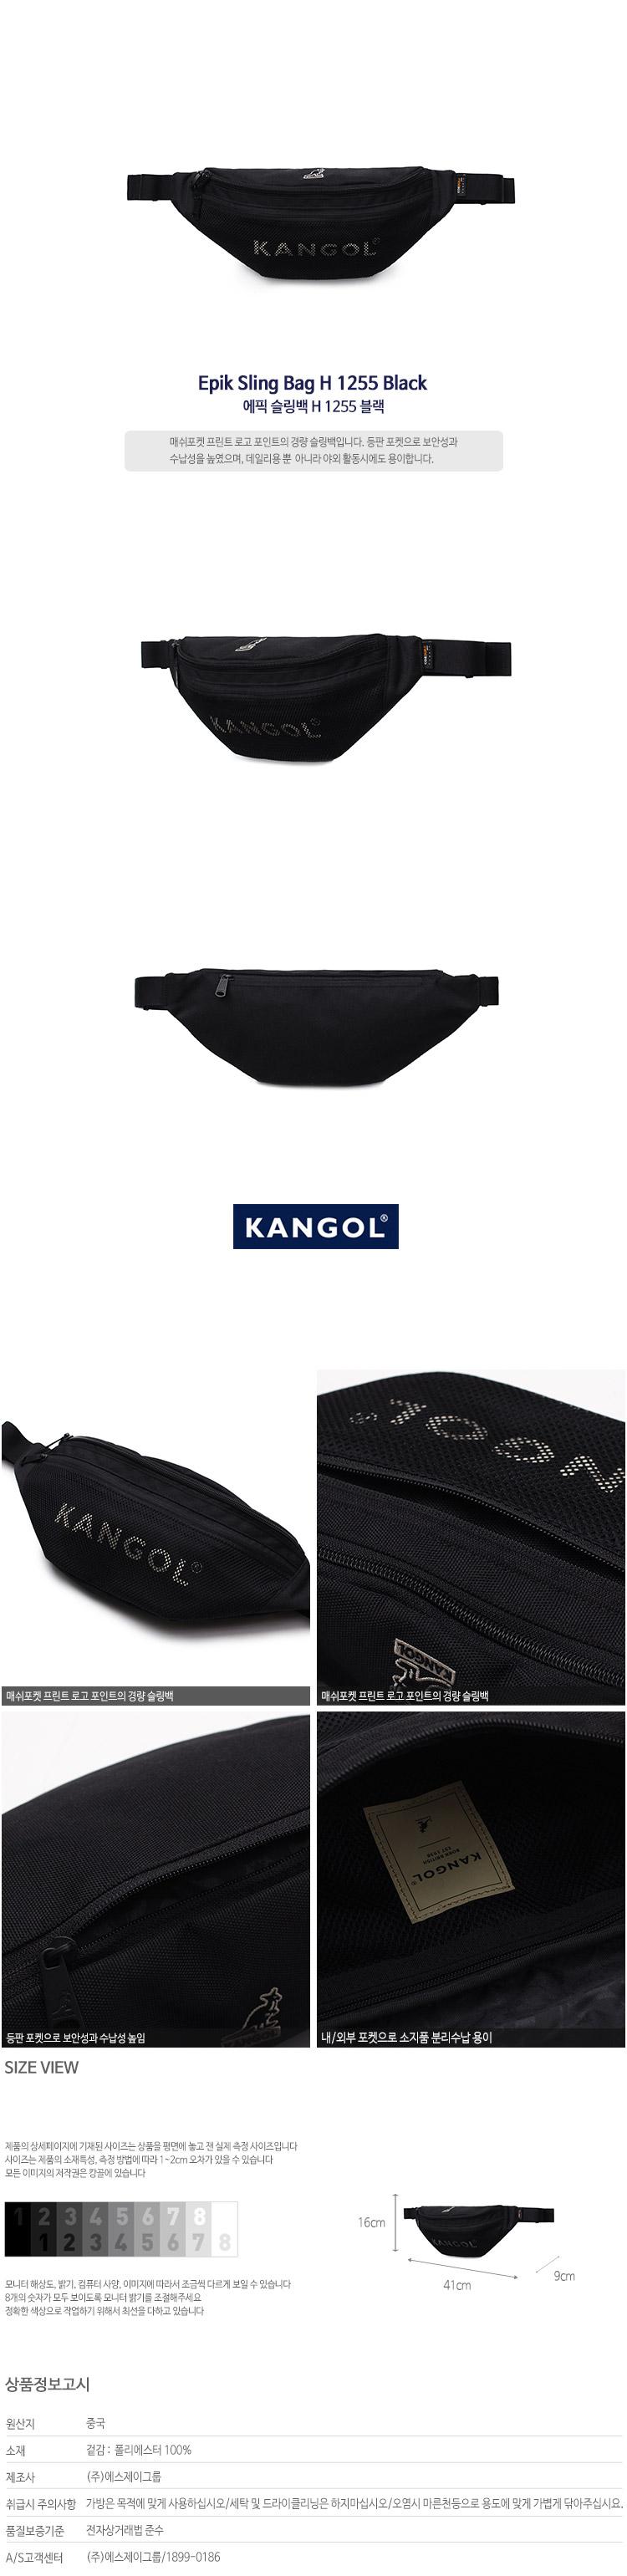 캉골(KANGOL) Epik Sling Bag H 1255 BLACK